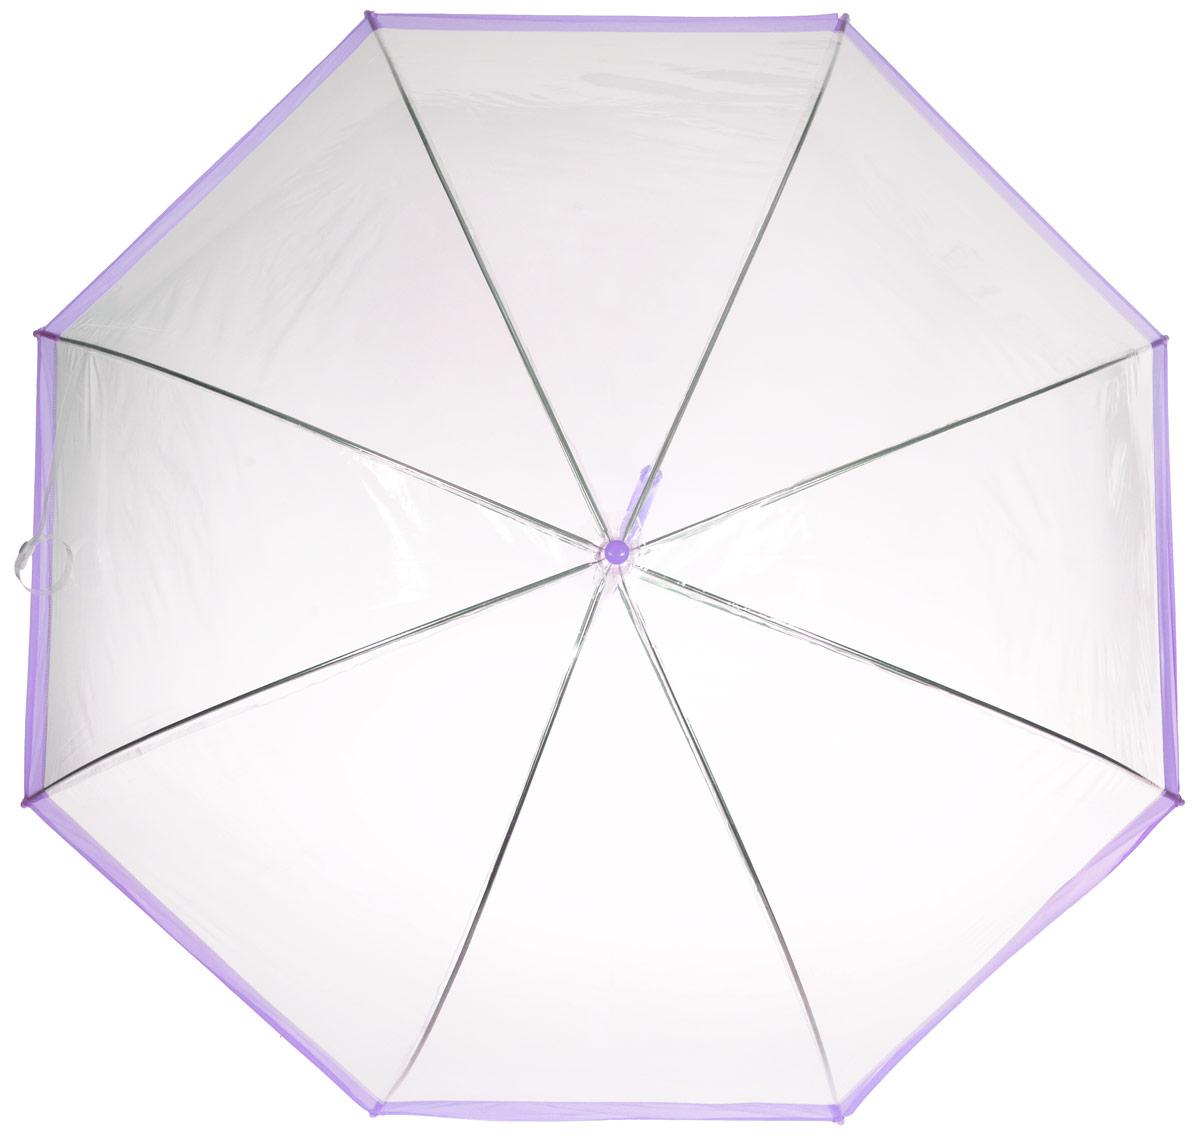 Зонт-трость женский Эврика, механика, цвет: прозрачный, сиреневый. 9486494864Оригинальный и элегантный женский зонт-трость Эврика порадует своим оформлением даже в ненастную погоду. Зонт состоит из восьми спиц и стержня выполненных из качественного металла. Купол выполнен из качественного ПВХ, который не пропускает воду. Зонт дополнен удобной пластиковой ручкой в виде крючка. Изделие имеет механический способ сложения: и купол, и стержень открываются и закрываются вручную до характерного щелчка. Зонт закрывается хлястиком на кнопку. Зонт имеет прозрачную текстуру, что позволяет видеть обстановку вокруг себя. Такой зонт не оставит вас незамеченной.